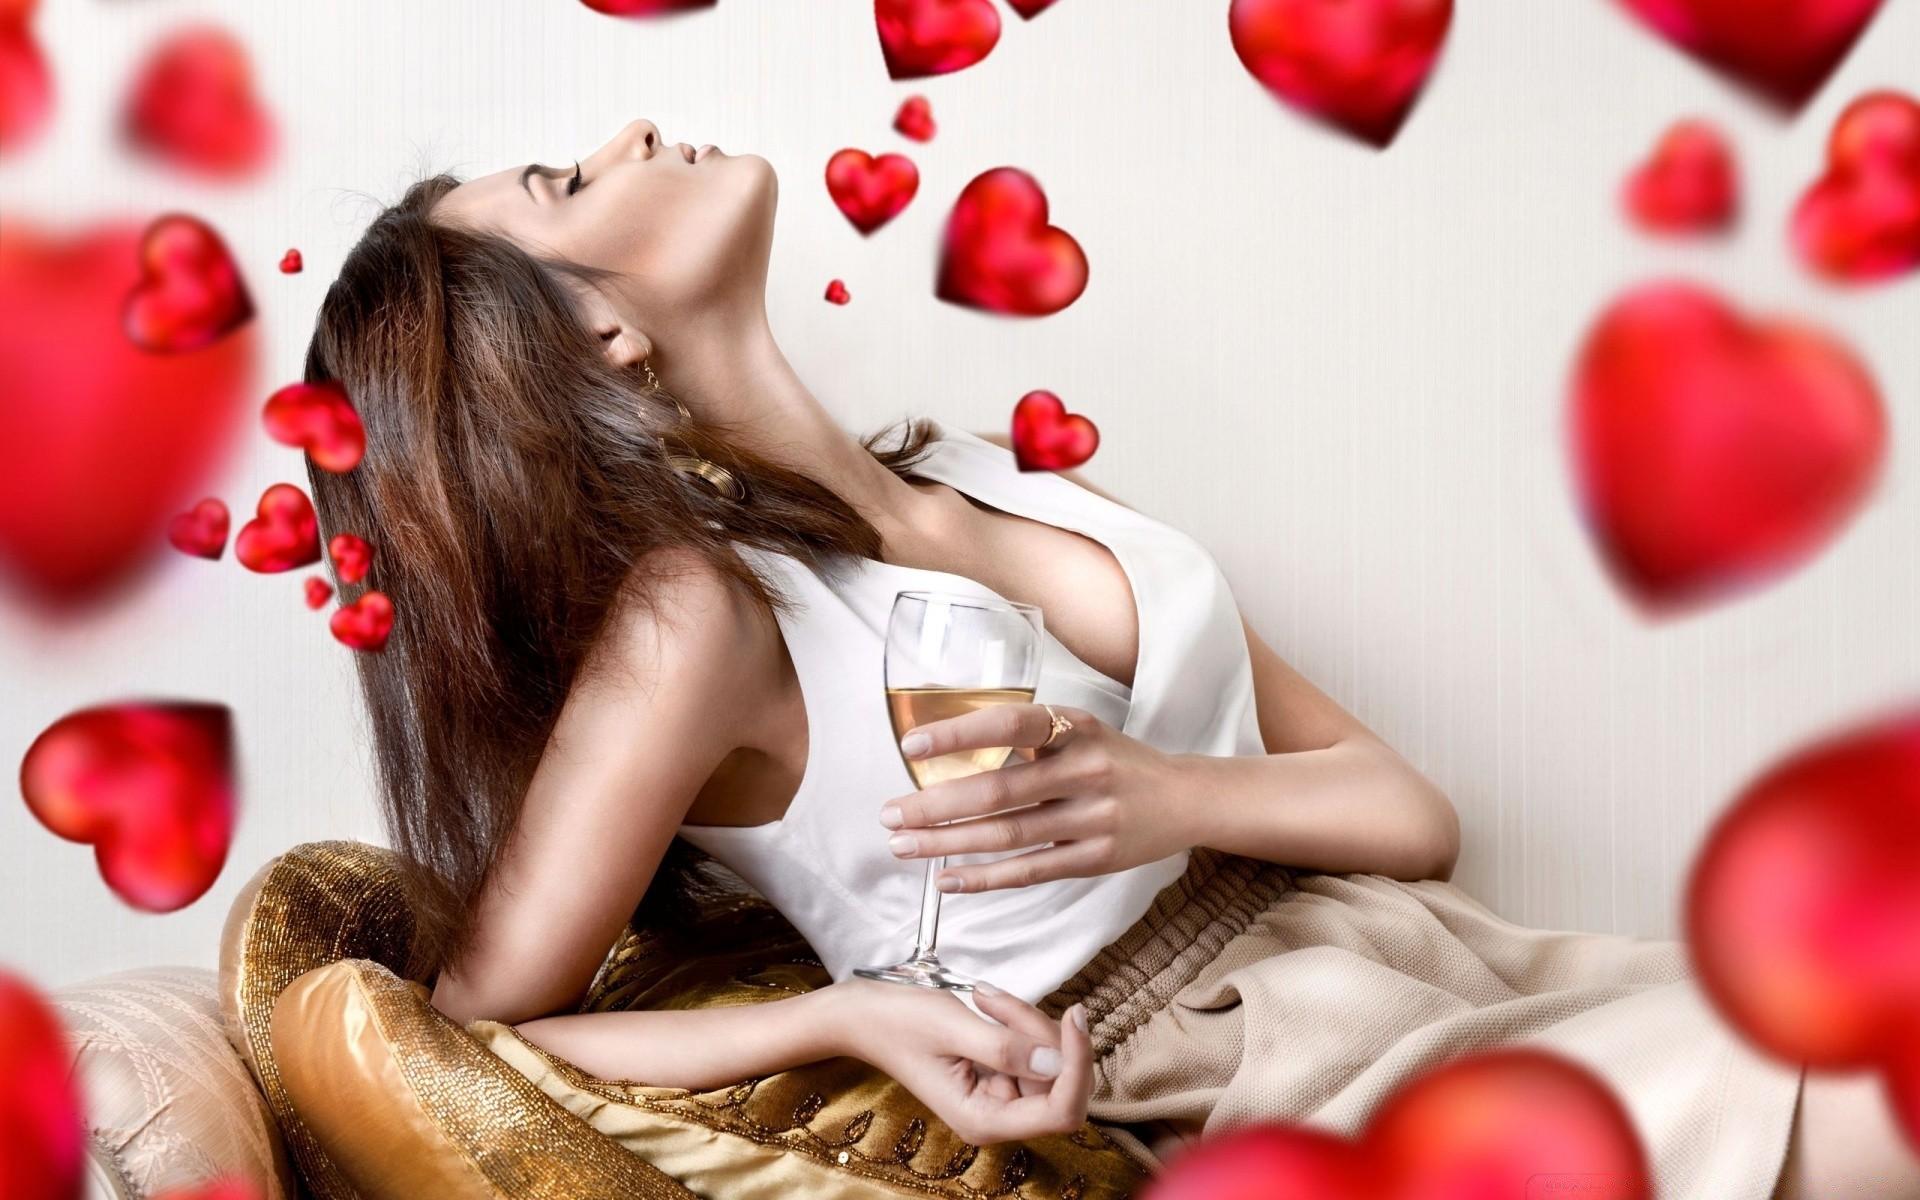 Смешные, картинки для любимой девушке о любви романтику